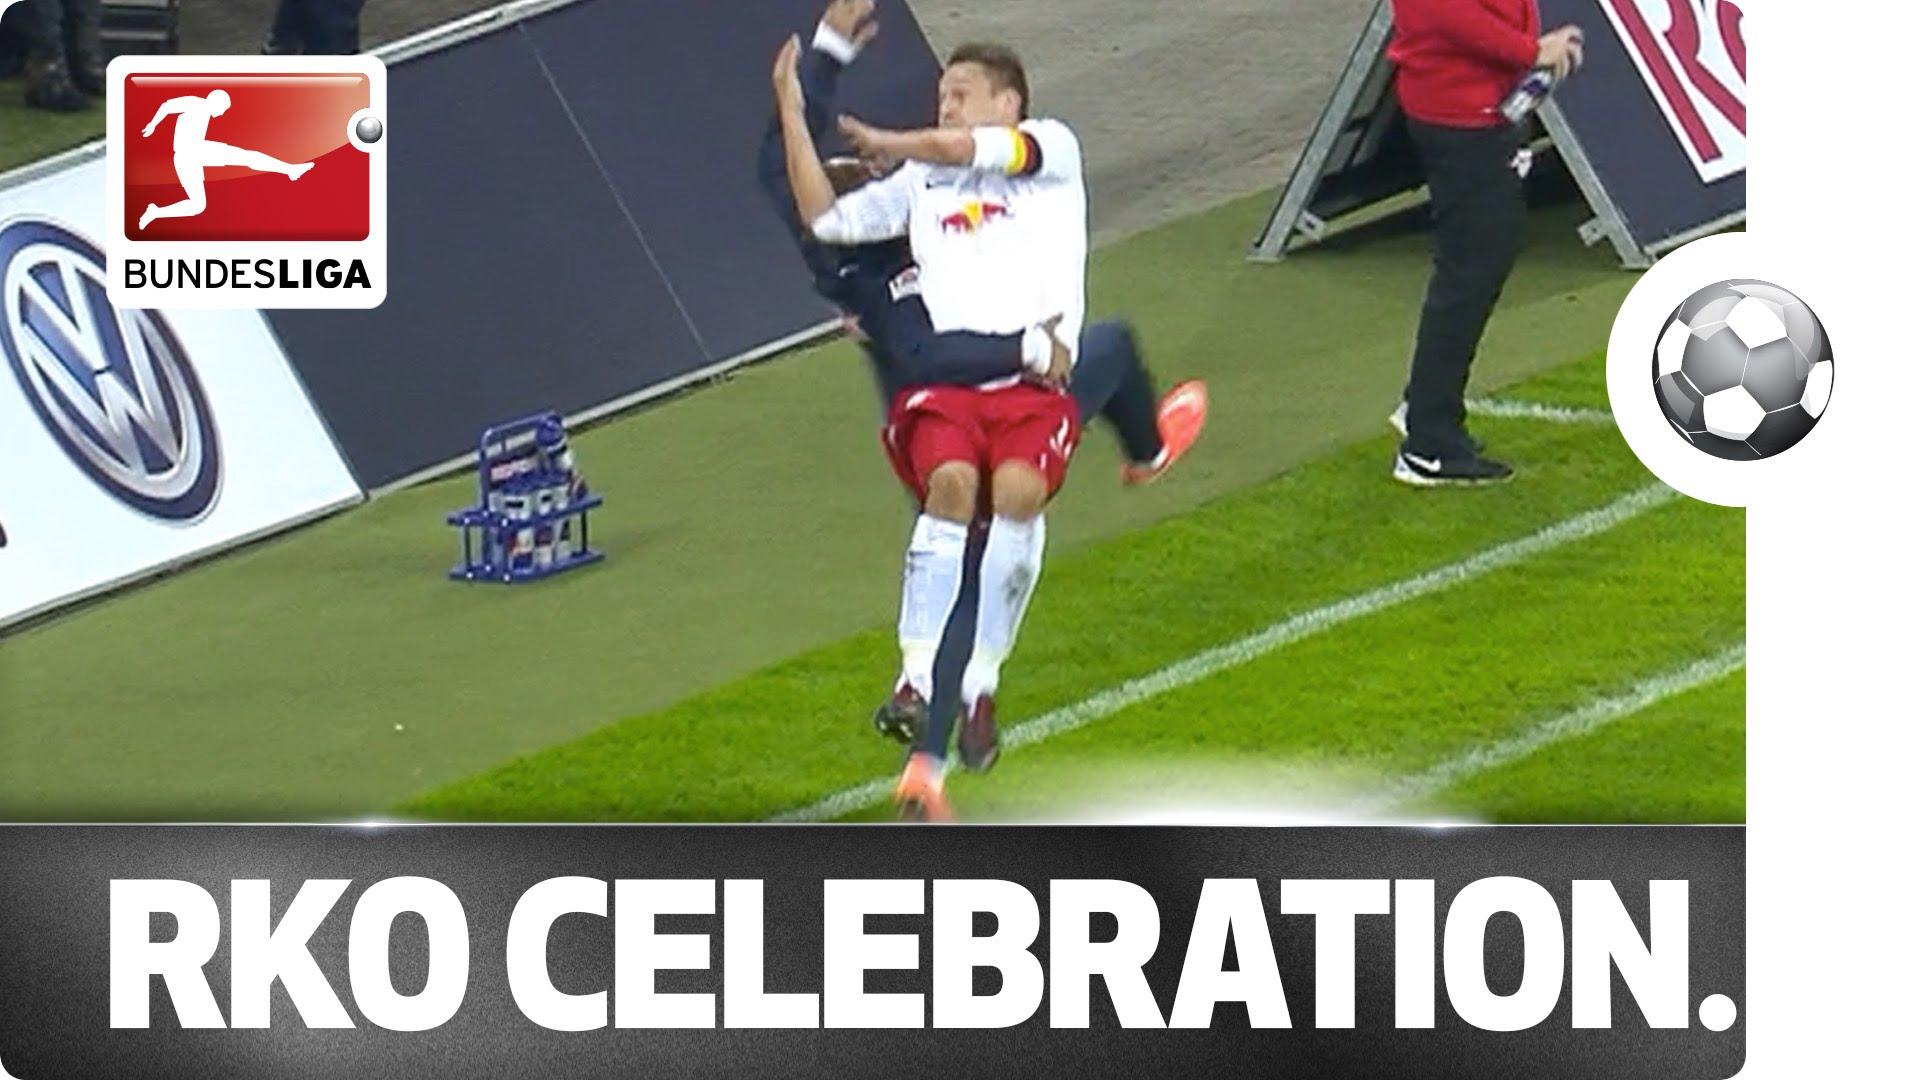 لاعب يحتفل بالهدف على طريقة المصارعة